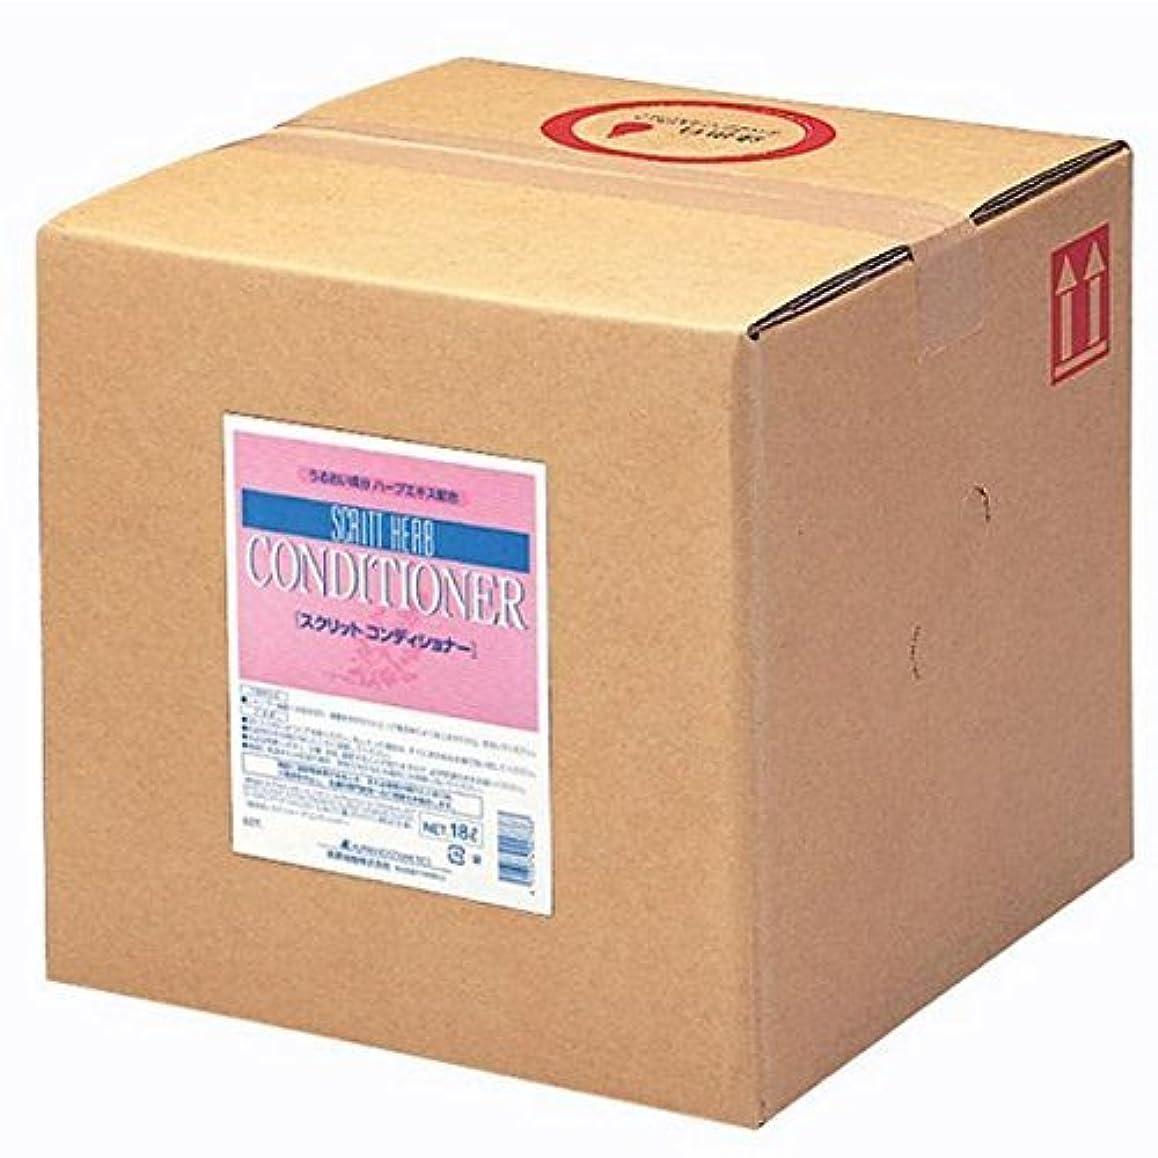 検査症状性能業務用 スクリット(SCRITT) コンディショナー 18L 熊野油脂 (コック付き)